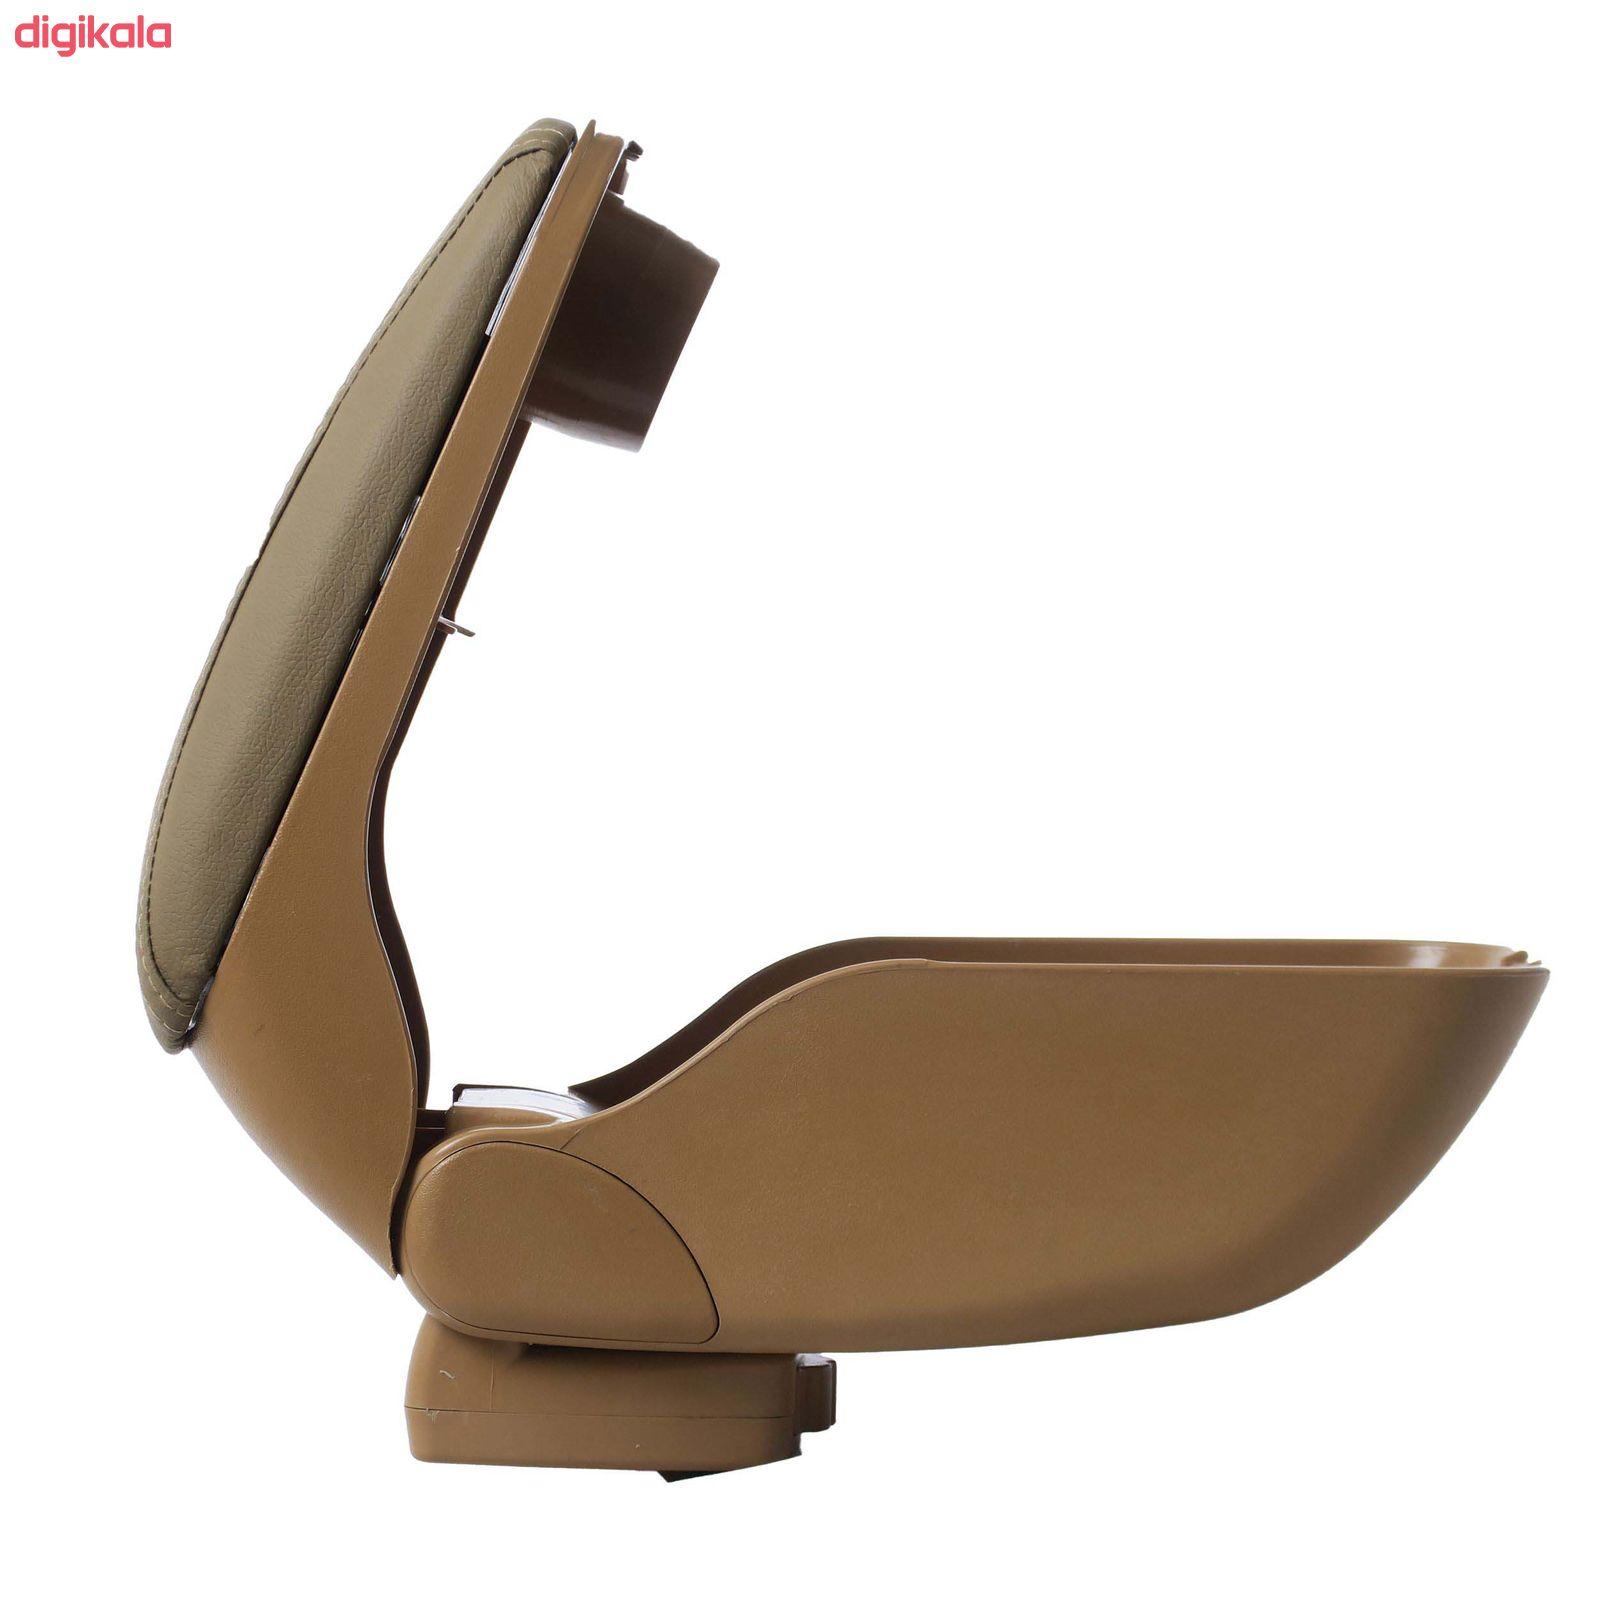 کنسول وسط خودرو توکا مدل dan01 مناسب برای پژو 405 main 1 1